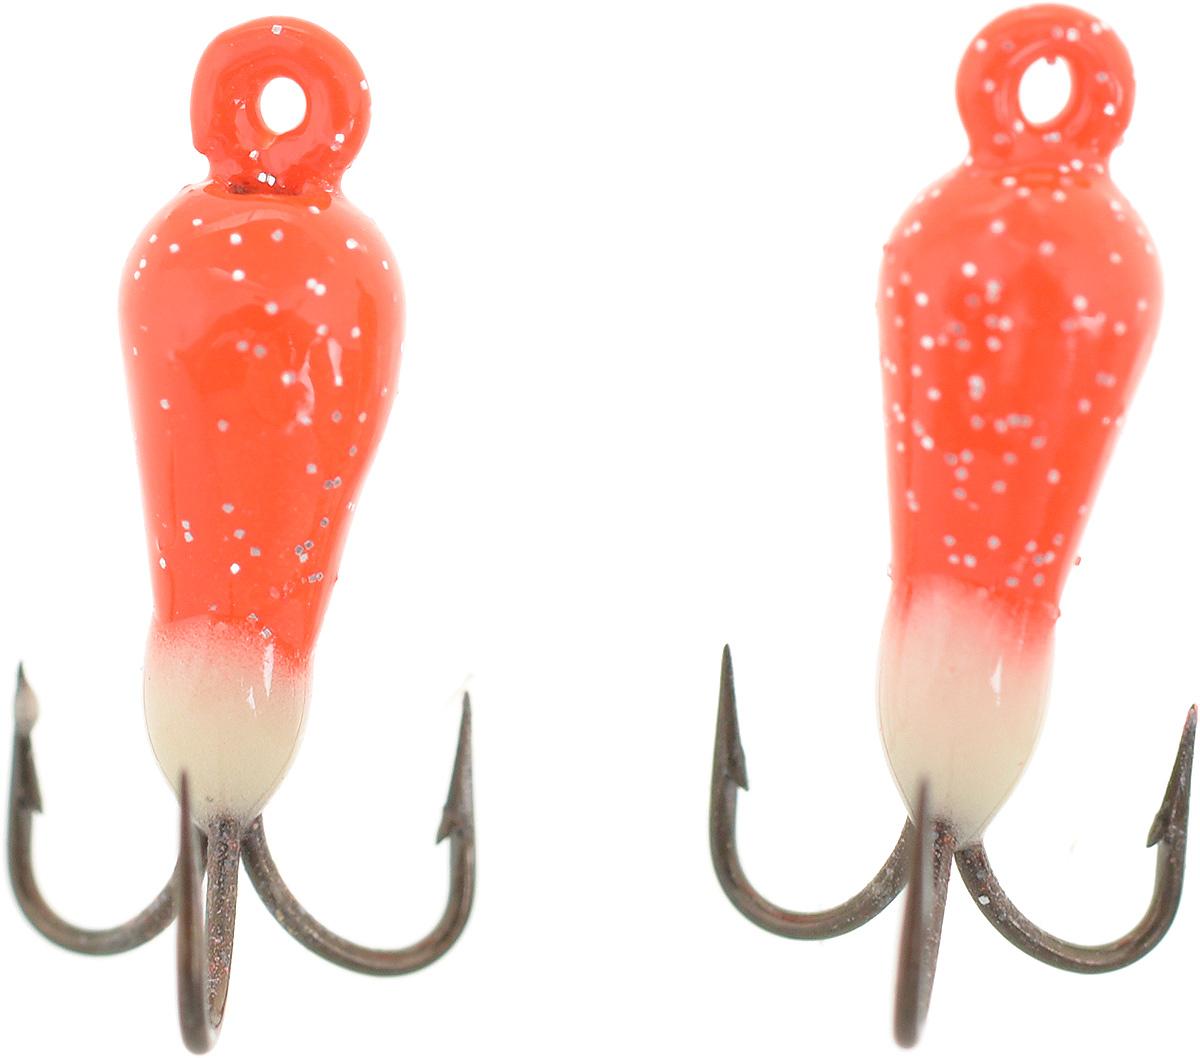 Чертик вольфрамовый Finnex, цвет: оранжевый, белый, 0,38 г, 2 шт010-01199-23Вольфрамовый чертик Finnex - одна из самых популярных приманок для ловли леща, плотвы и другой белой рыбы. Особенно хорошо работает приманка на всевозможных водохранилищах. Не пропустит ее и другая рыба, в том числе окунь, судак и щука.